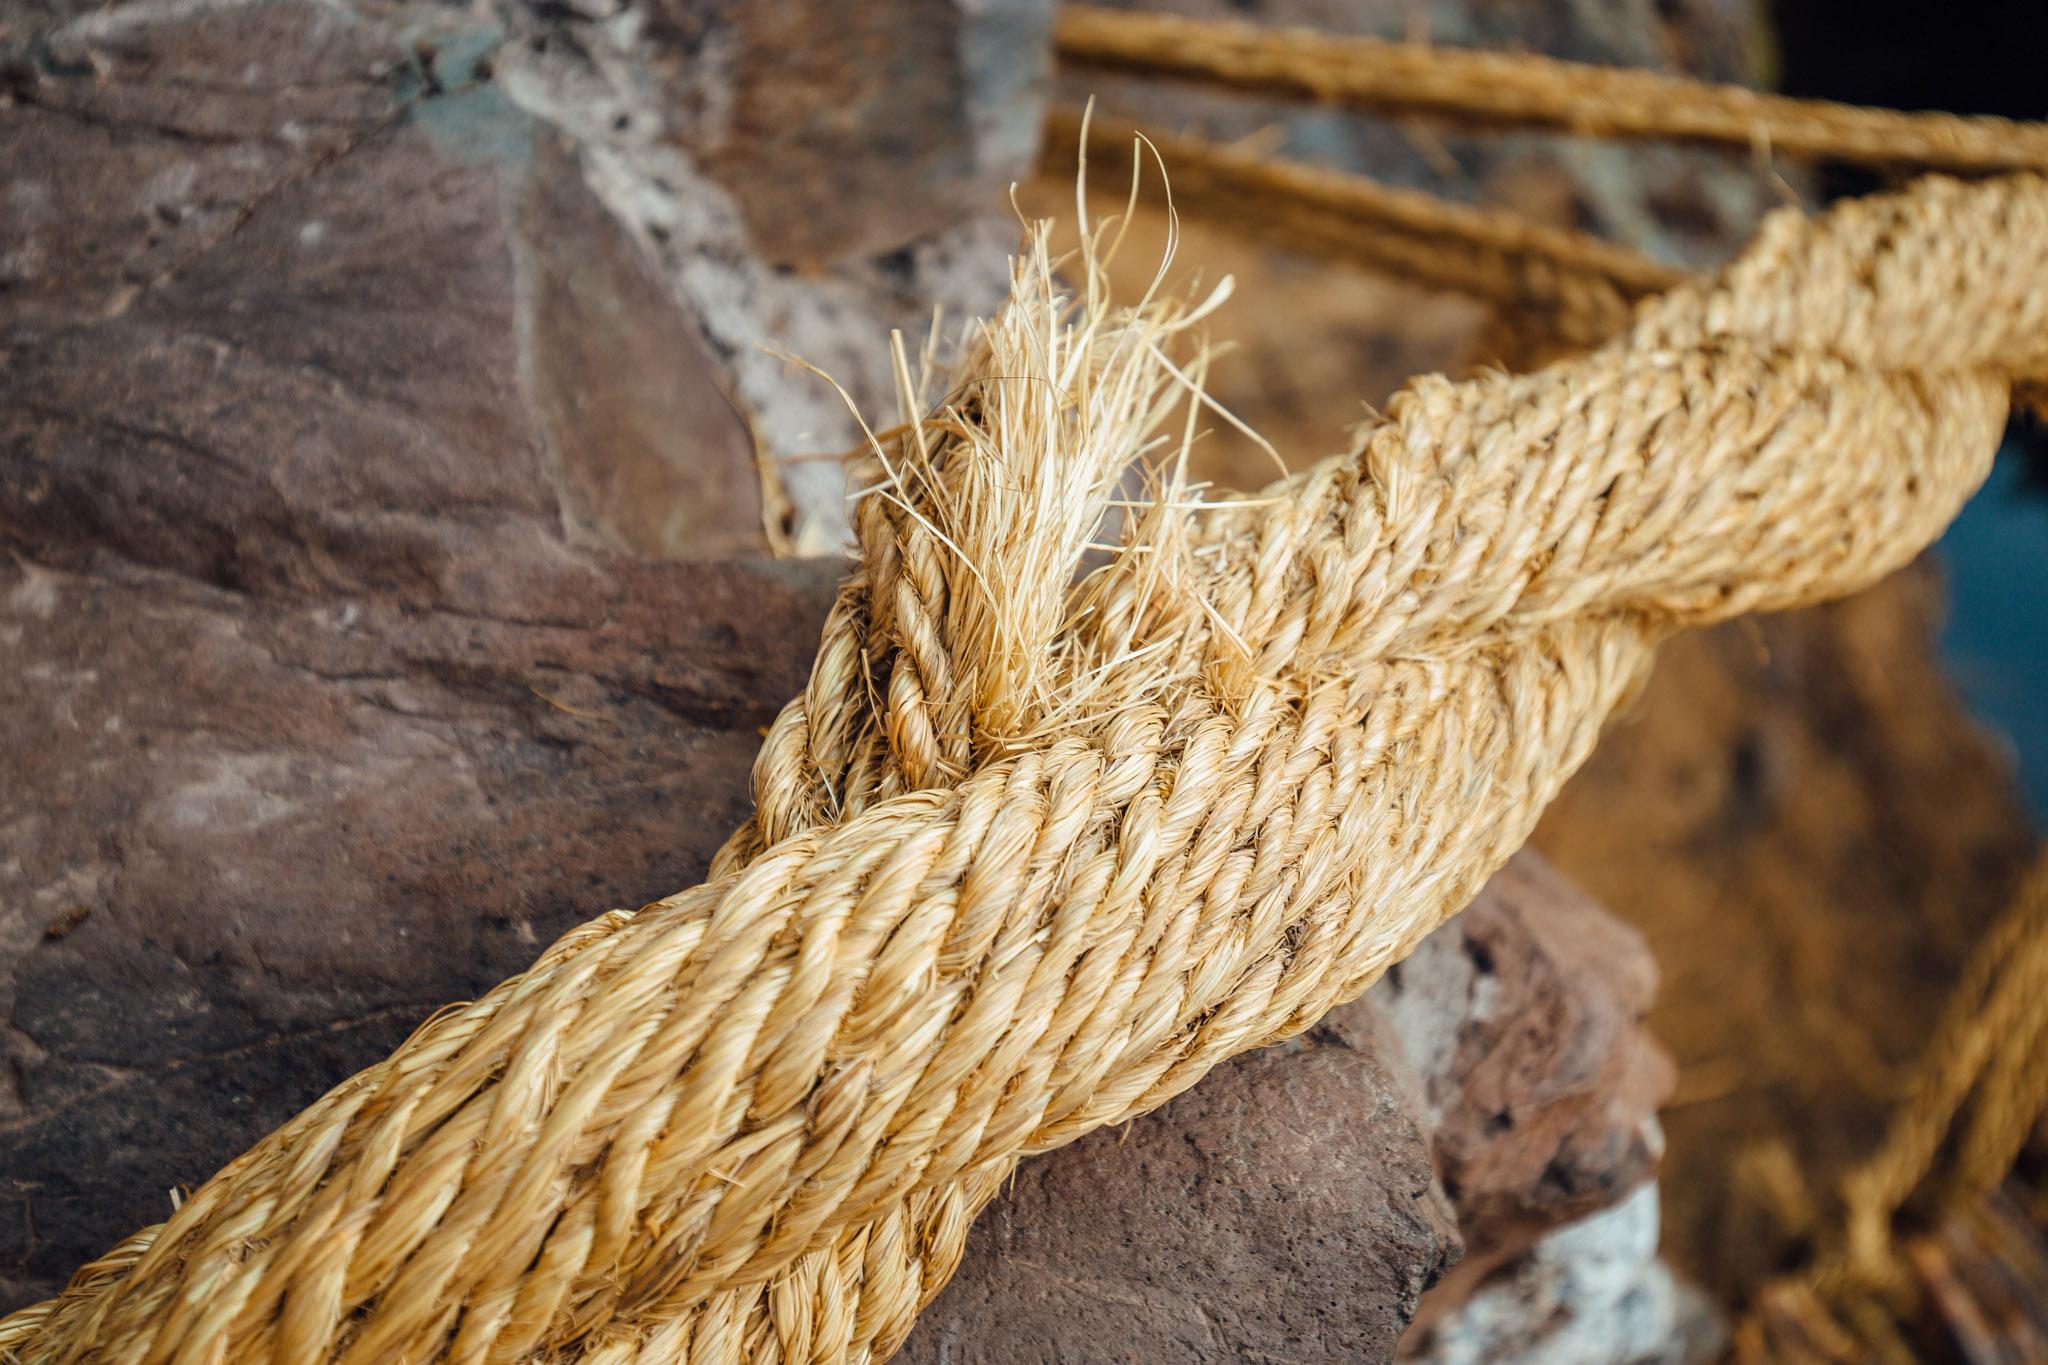 qoya-braided-rope-overlanding-apurimac-valley-peru-queswachaka-last-inca-bridge-6.jpg